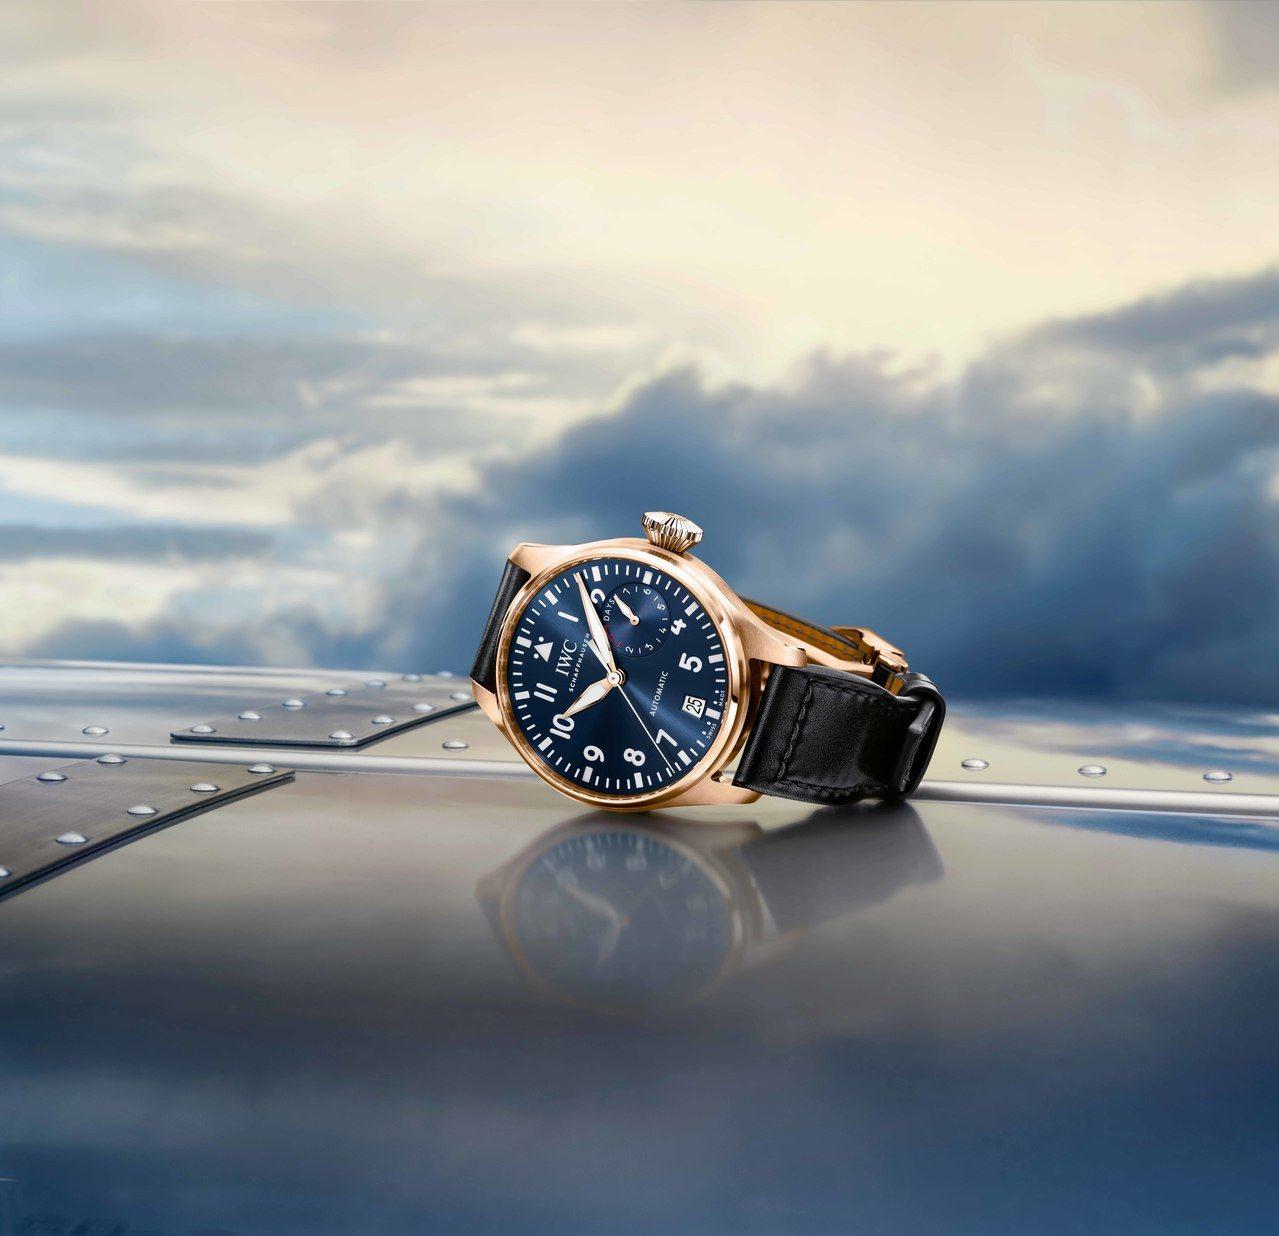 布萊德利庫柏將配戴出席奧斯卡頒獎典禮的大型飛行員全球唯一特別腕表,起標價約49萬...